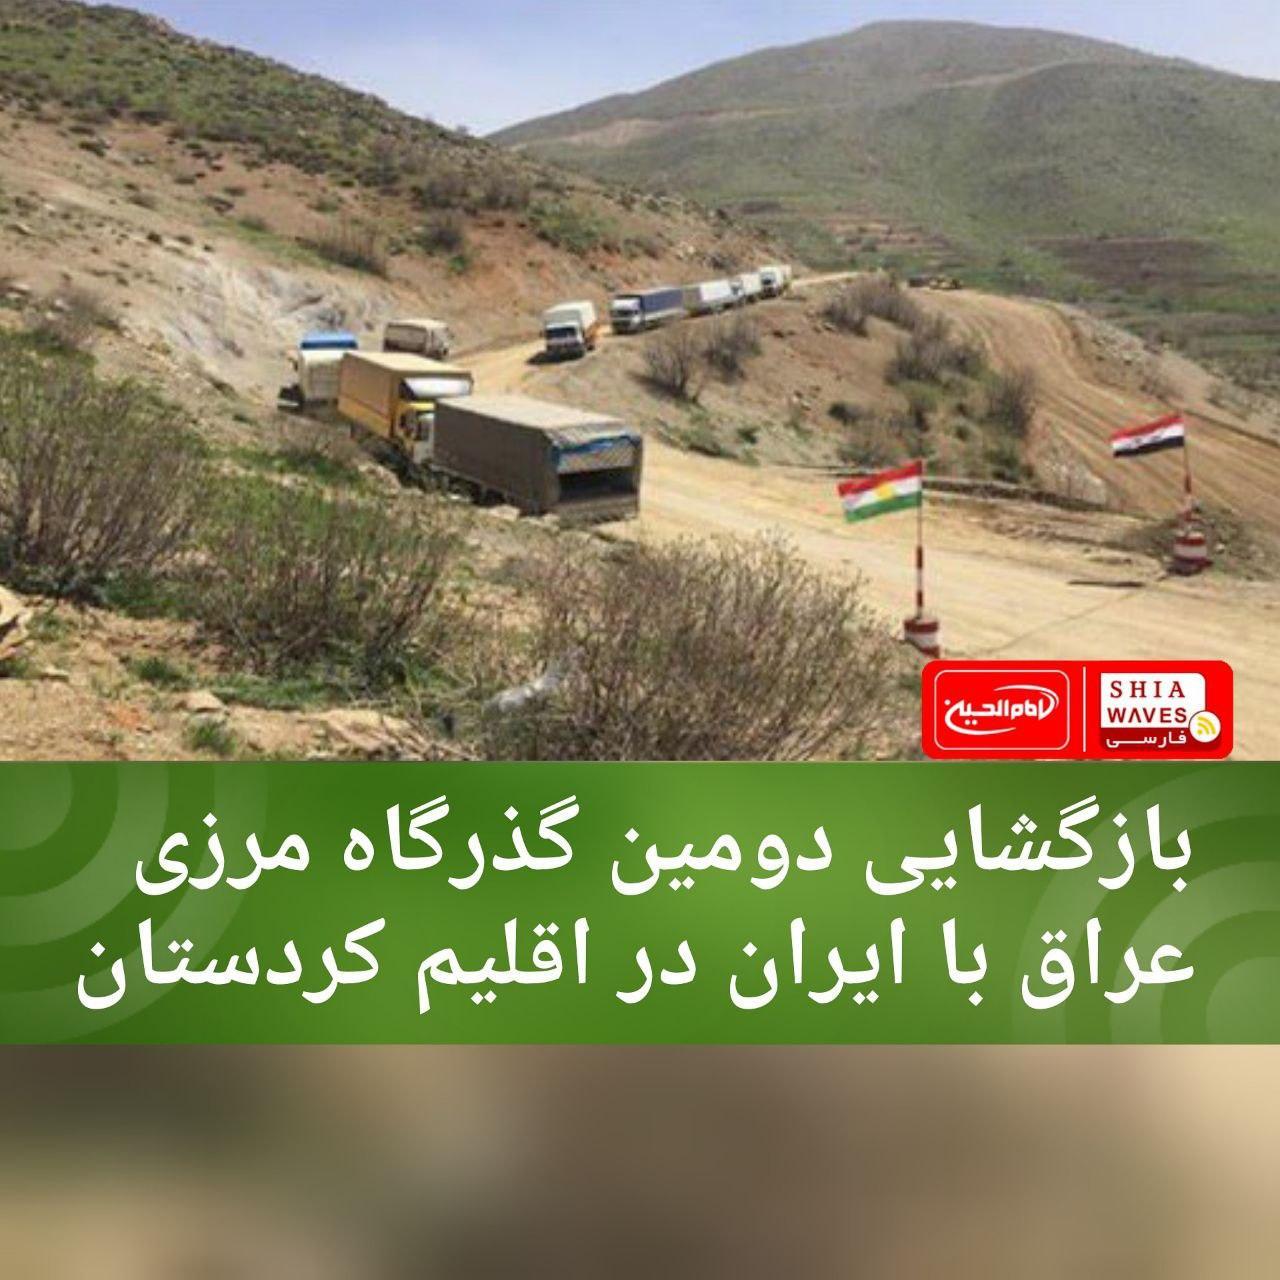 تصویر بازگشایی دومین گذرگاه مرزی عراق با ایران در اقلیم کردستان